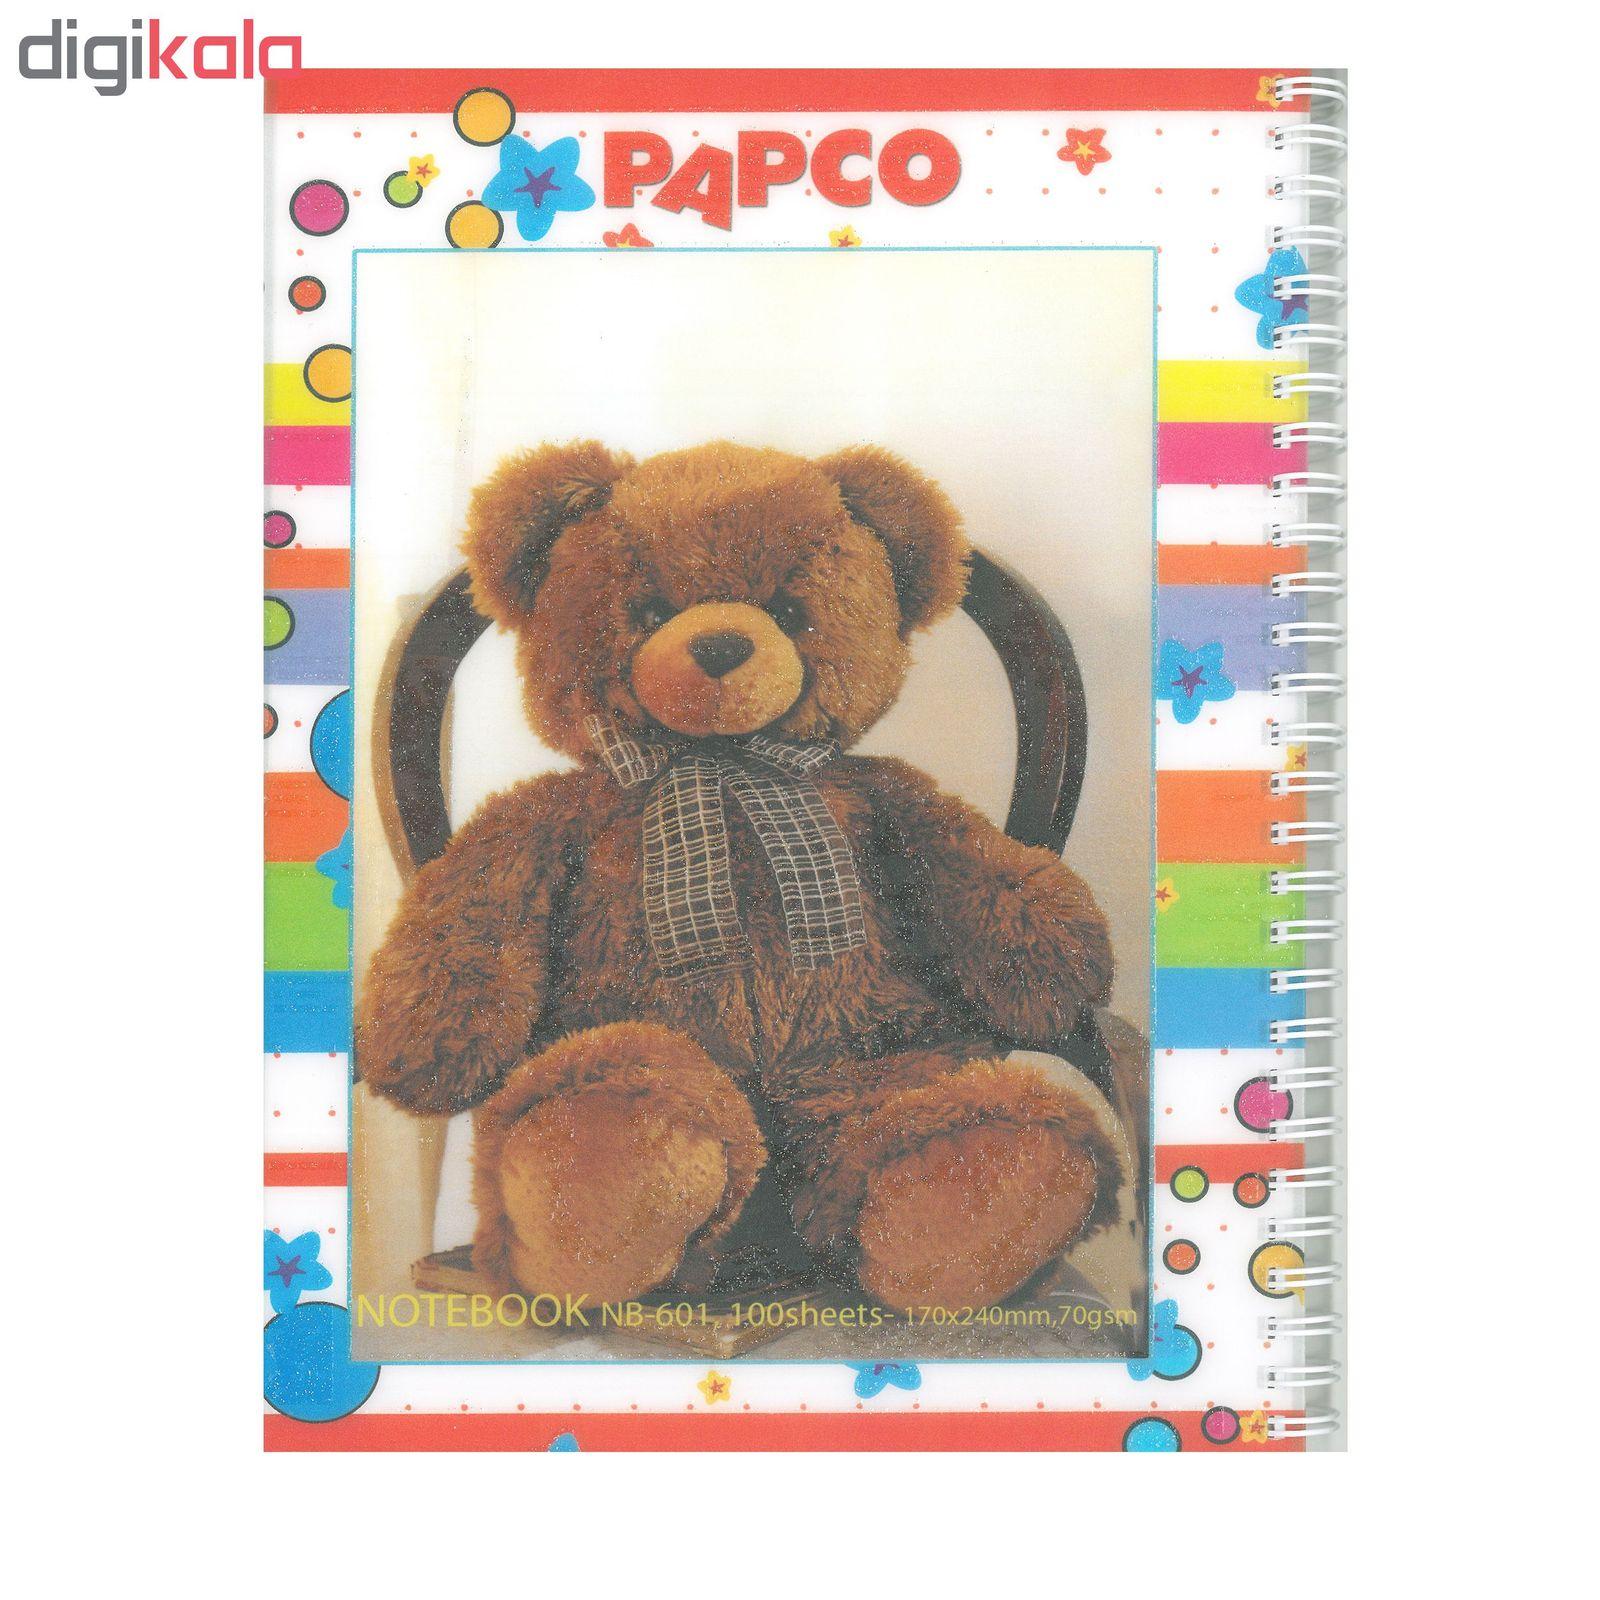 دفتر مشق پاپکو مدل NB-601 کد 322 main 1 1